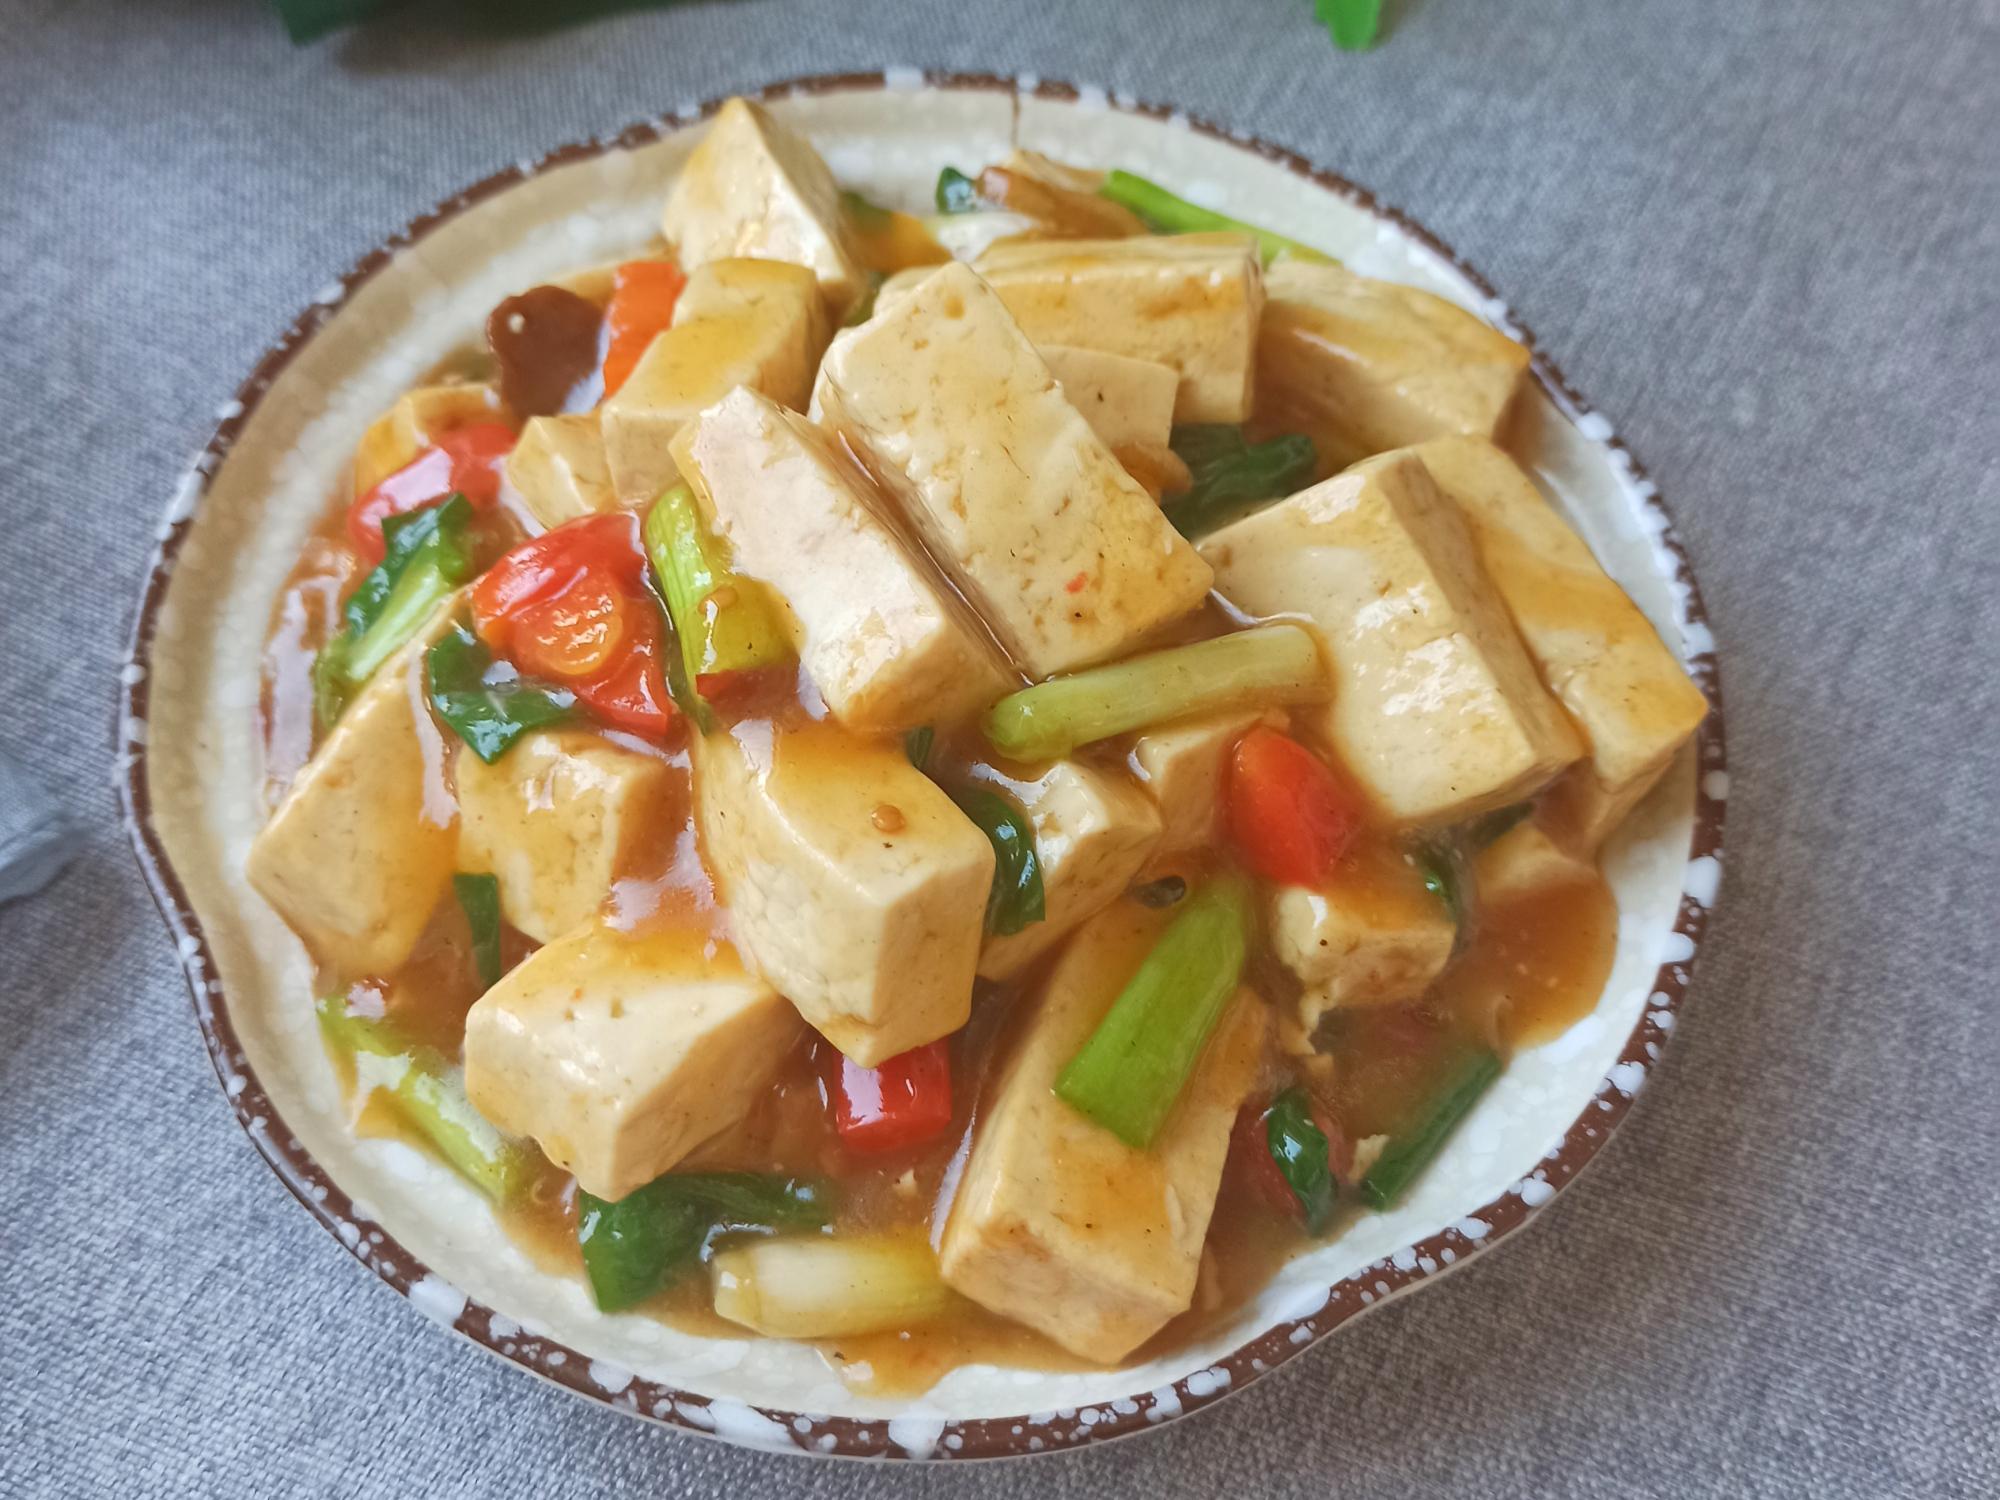 试一试这种做法,让豆腐好吃100倍,滑嫩入味,孩子天天嚷着要吃